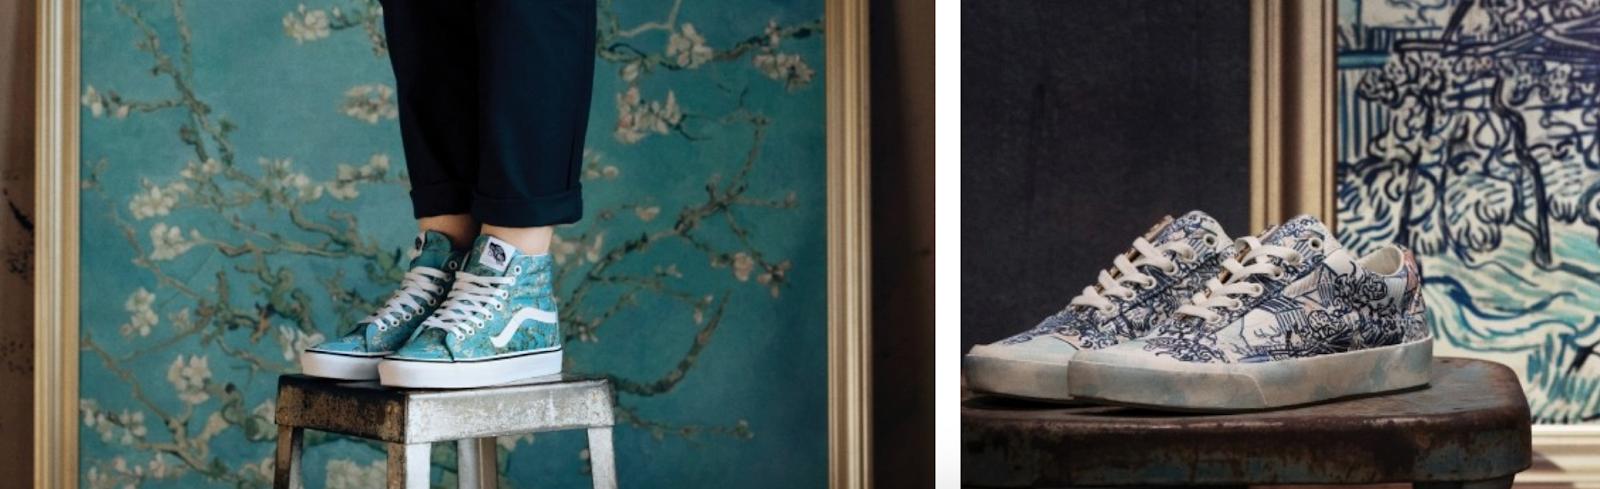 vans shoes mission statement